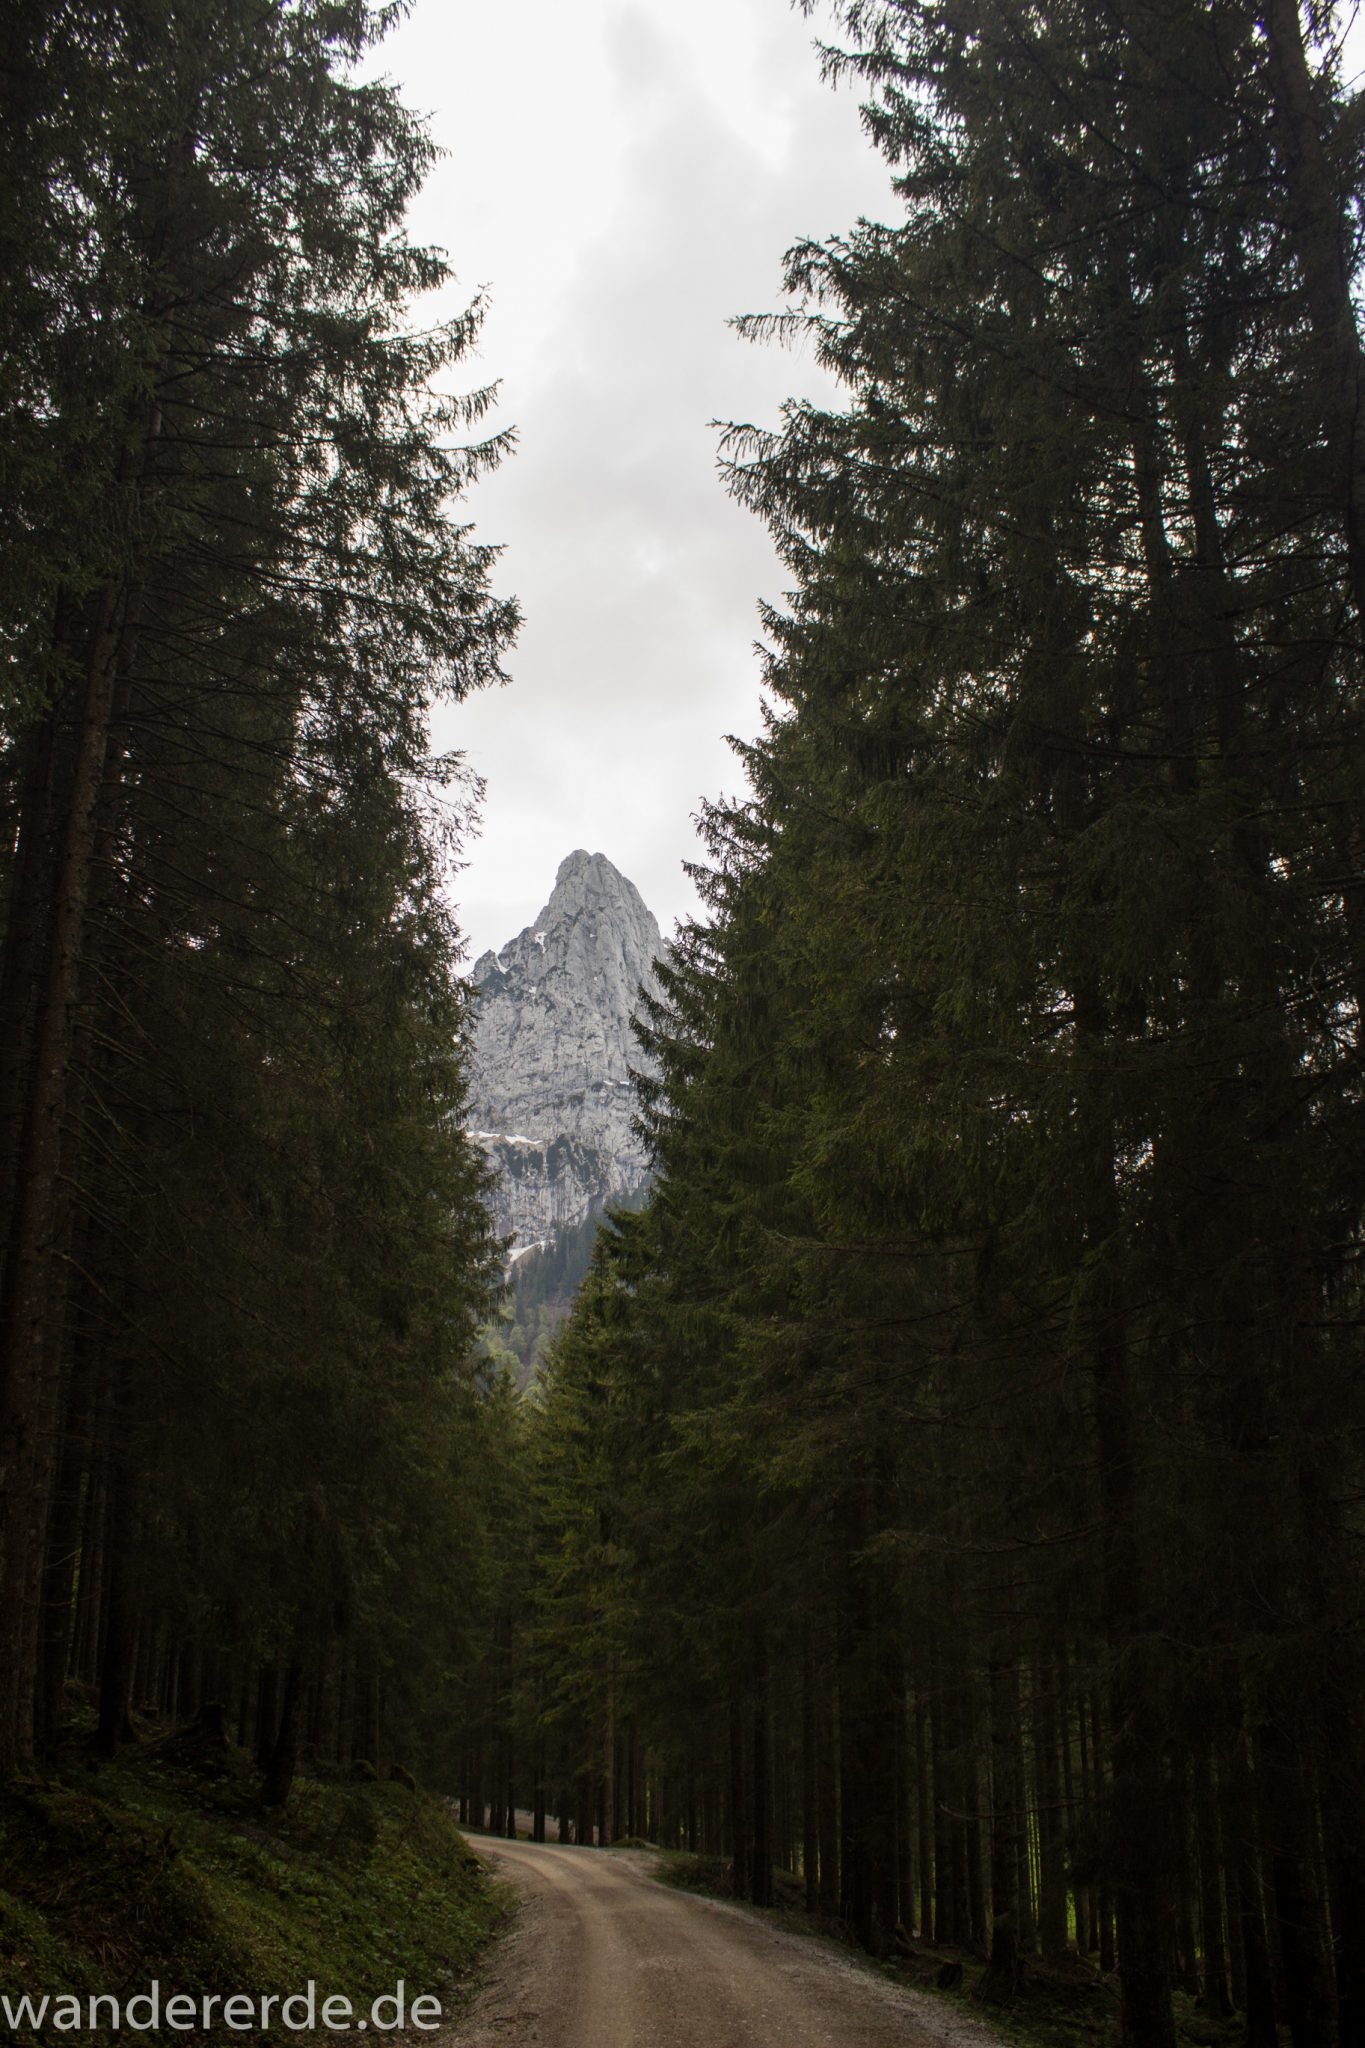 Wanderung zur Kenzenhütte in den Ammergauer Alpen, breiterer Kieselweg führt Richtung Berge, Berge in Wolken gehüllt, Frühjahr in den bayerischen Alpen, dichter grüner Wald verschafft tolle Atmosphäre